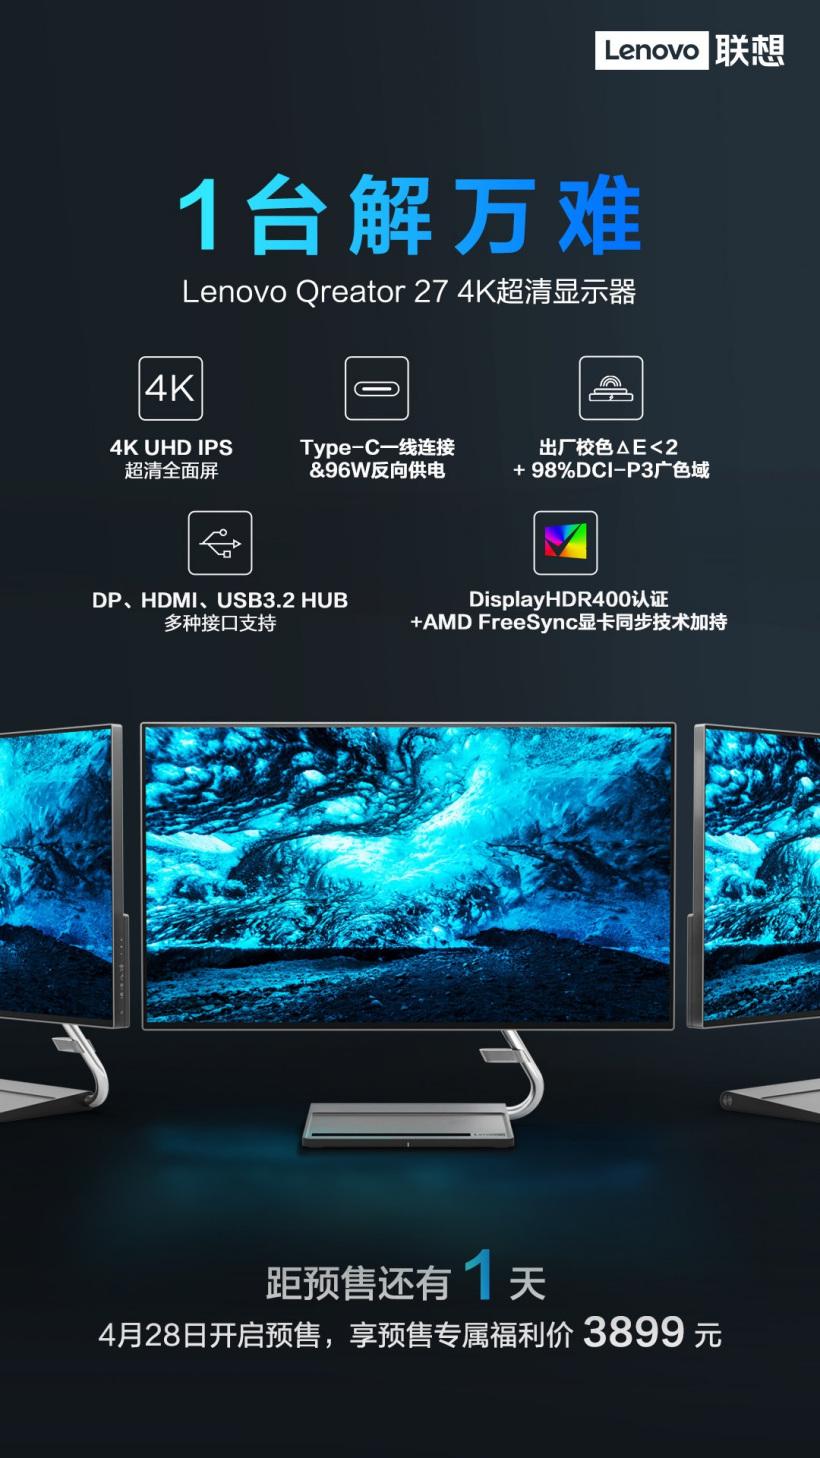 联想Qreator 27显示器明日发布:4K 98% DCI-P3色域,3899元